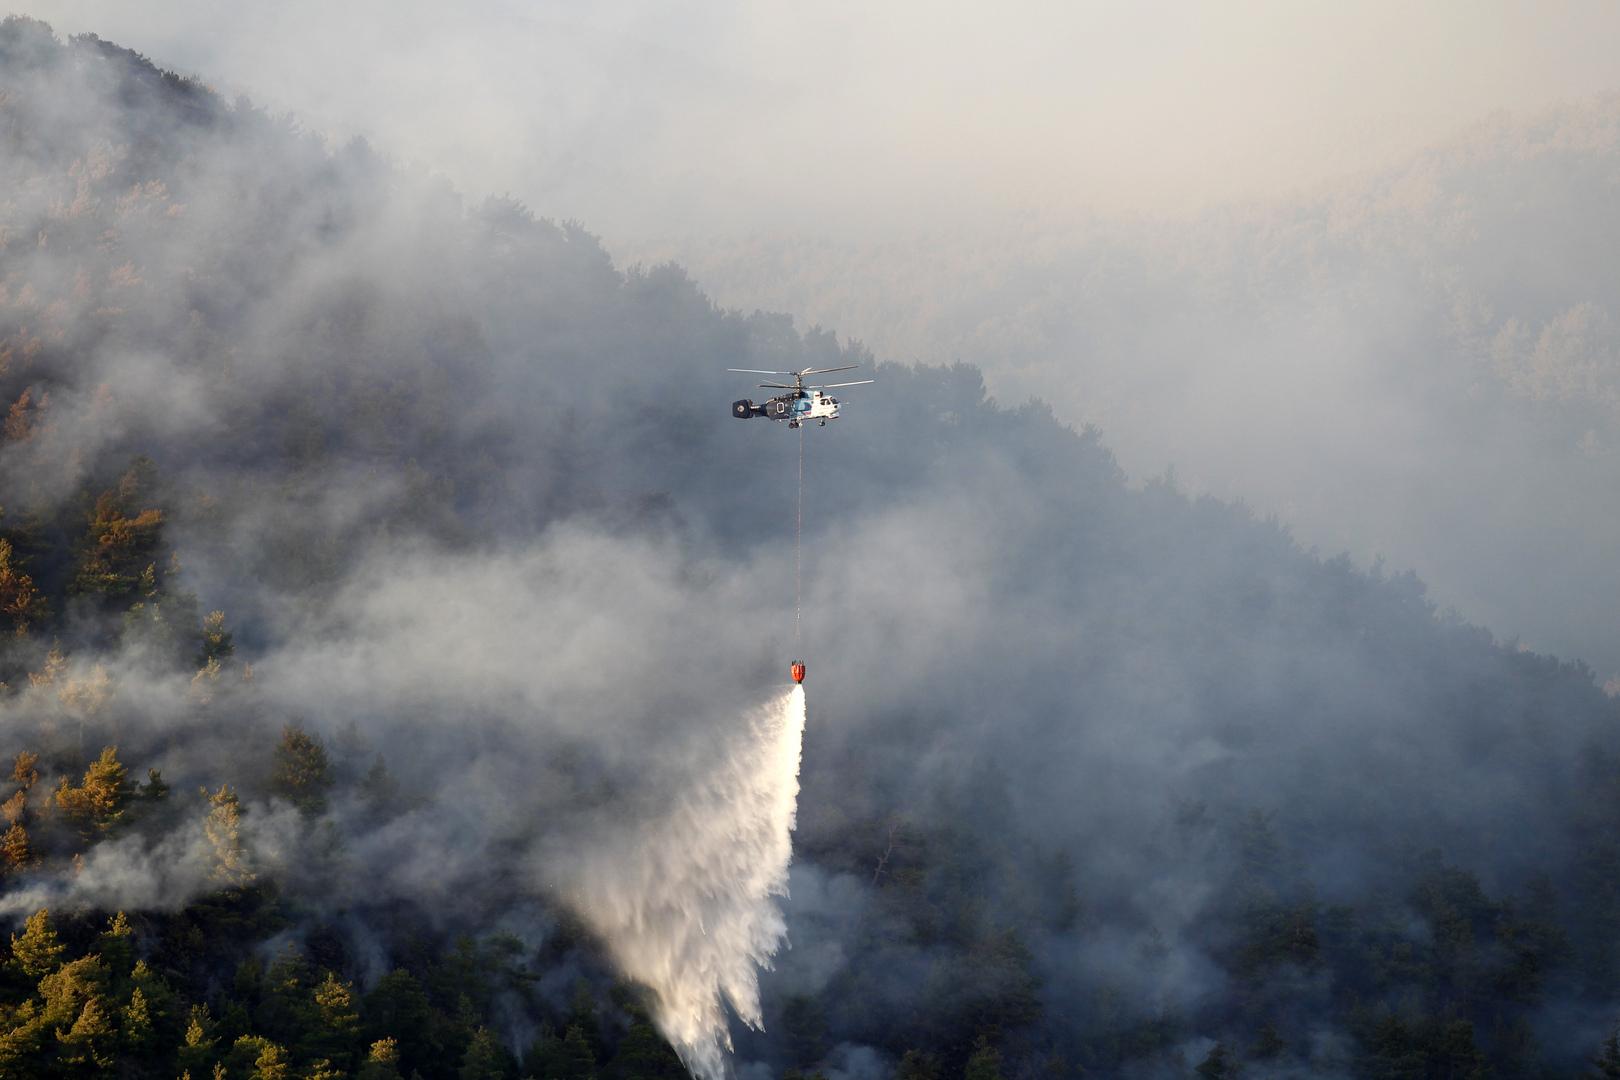 مصرع شخص خلال عمليات إخماد حريق غابات كبير في تركيا